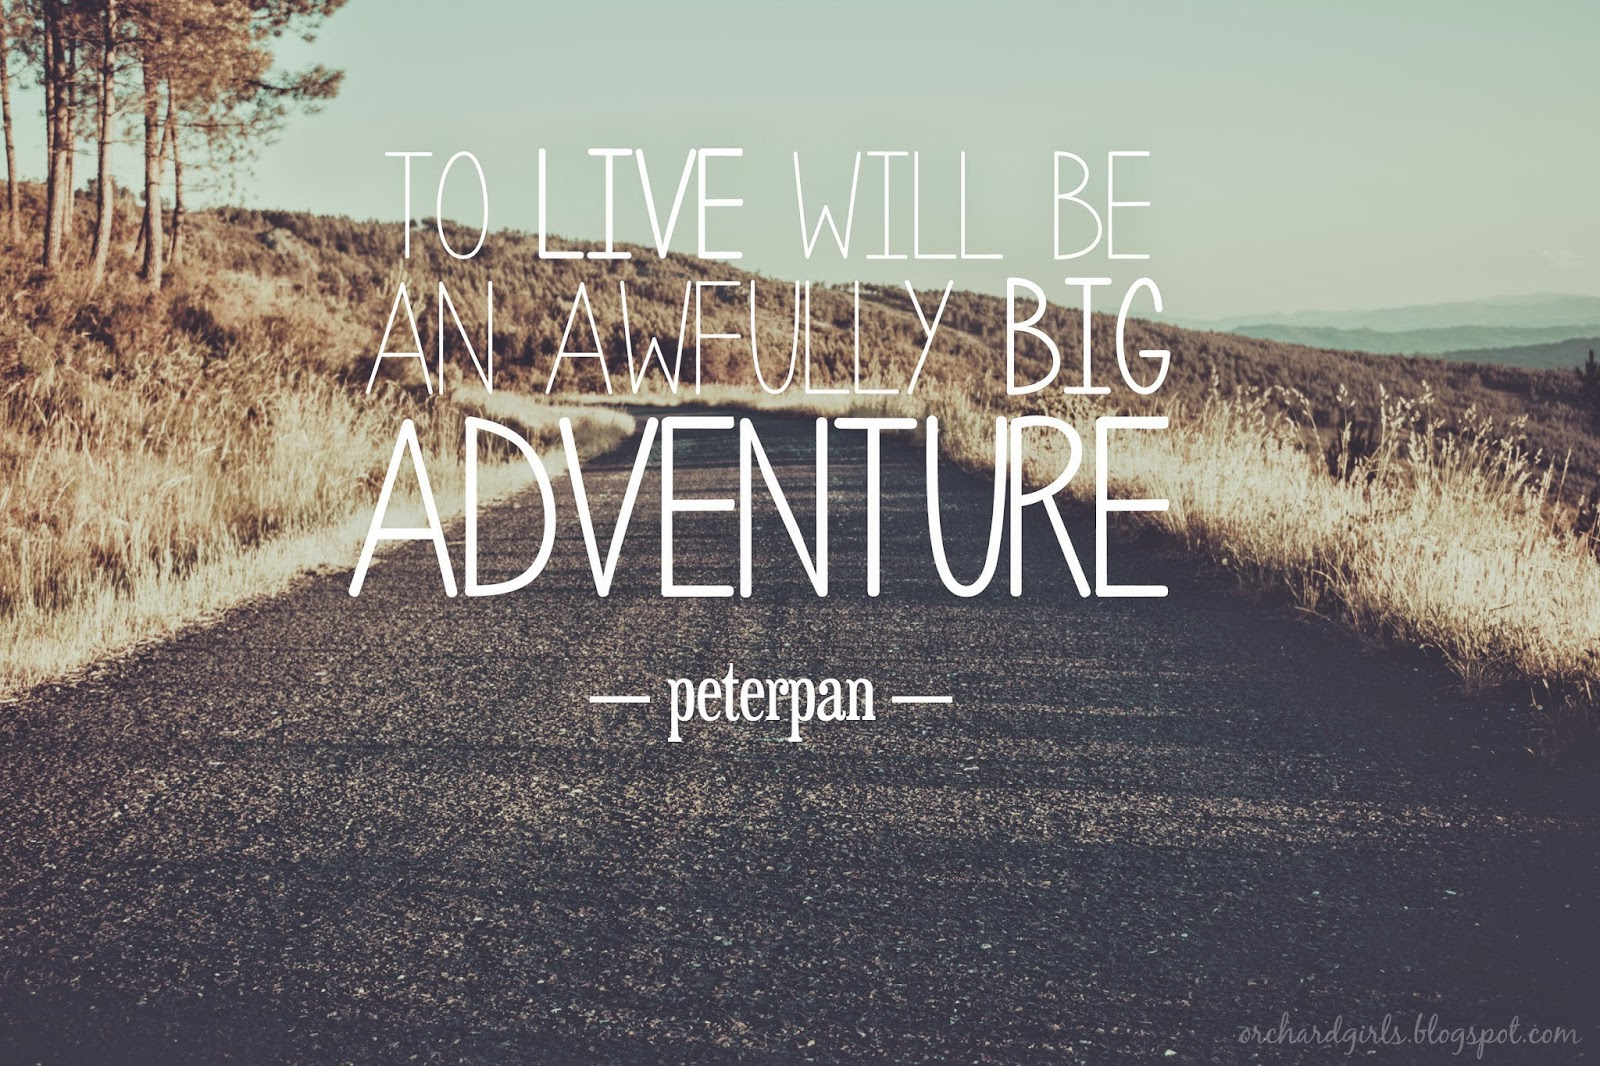 adventure-quotes-25